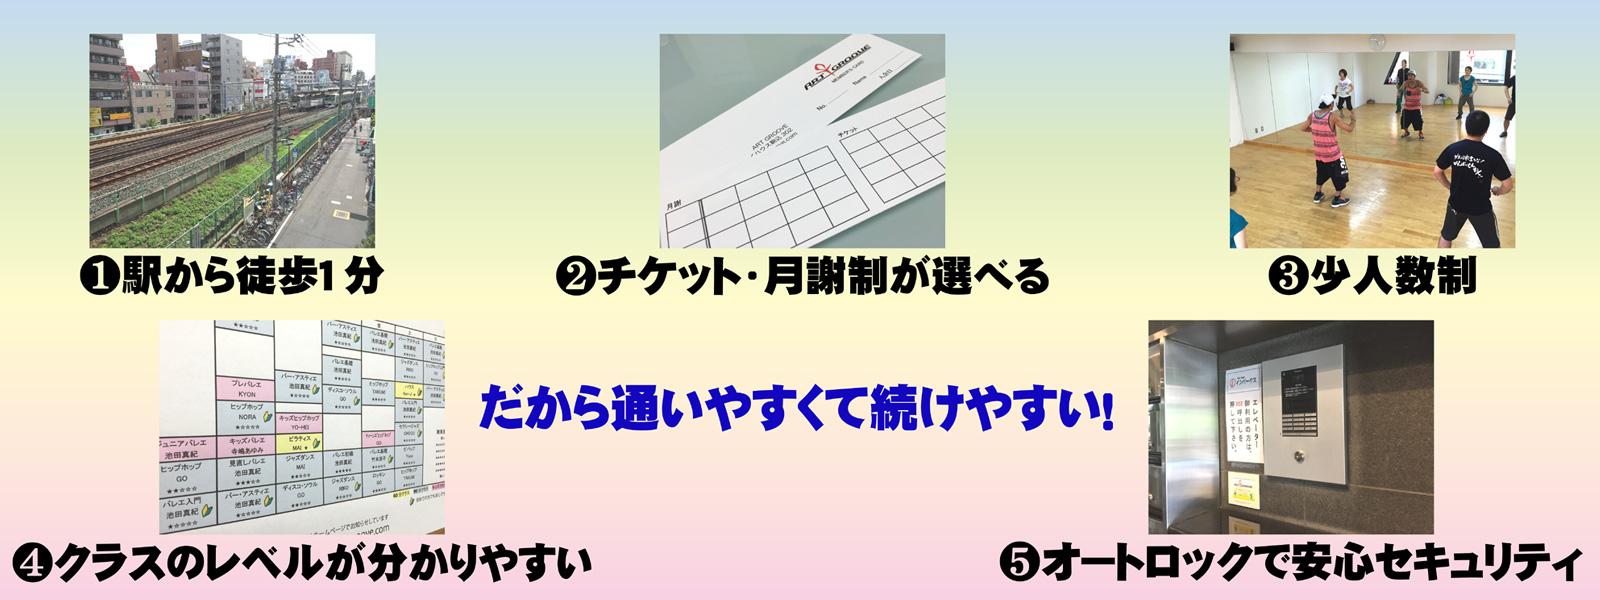 Art Groove ダンススタジオ特徴